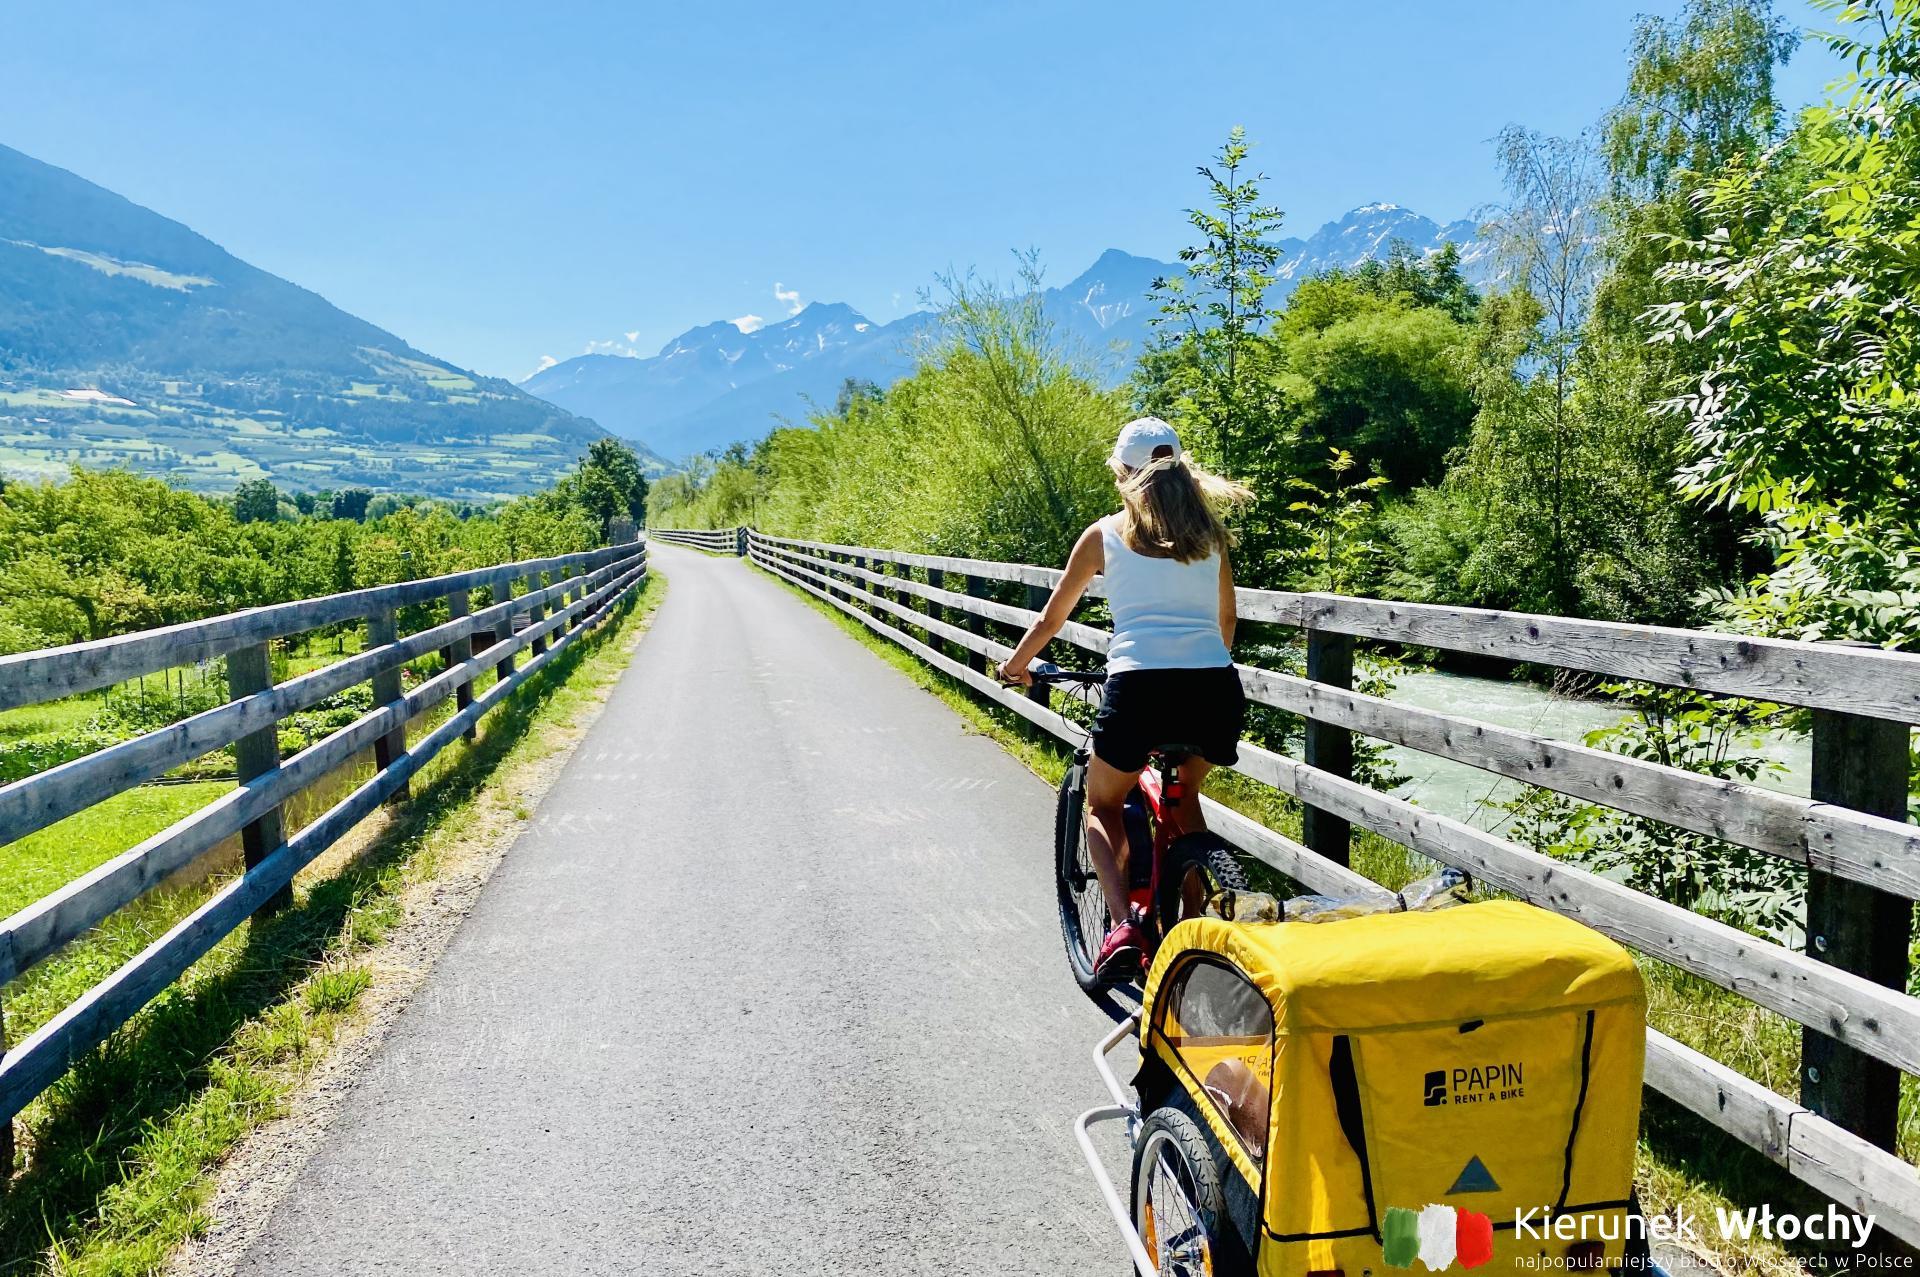 Gdzie jechać na rower do Włoch? Najlepsze trasy rowerowe w Dolomitach. Na zdjęciu Via Claudia Augusta, która częściowo biegnie wzdłuż rzeki Adygi - jedna z najsłynniejszych dróg rowerowych w Alpach (fot. Łukasz Ropczyński, kierunekwlochy.pl)